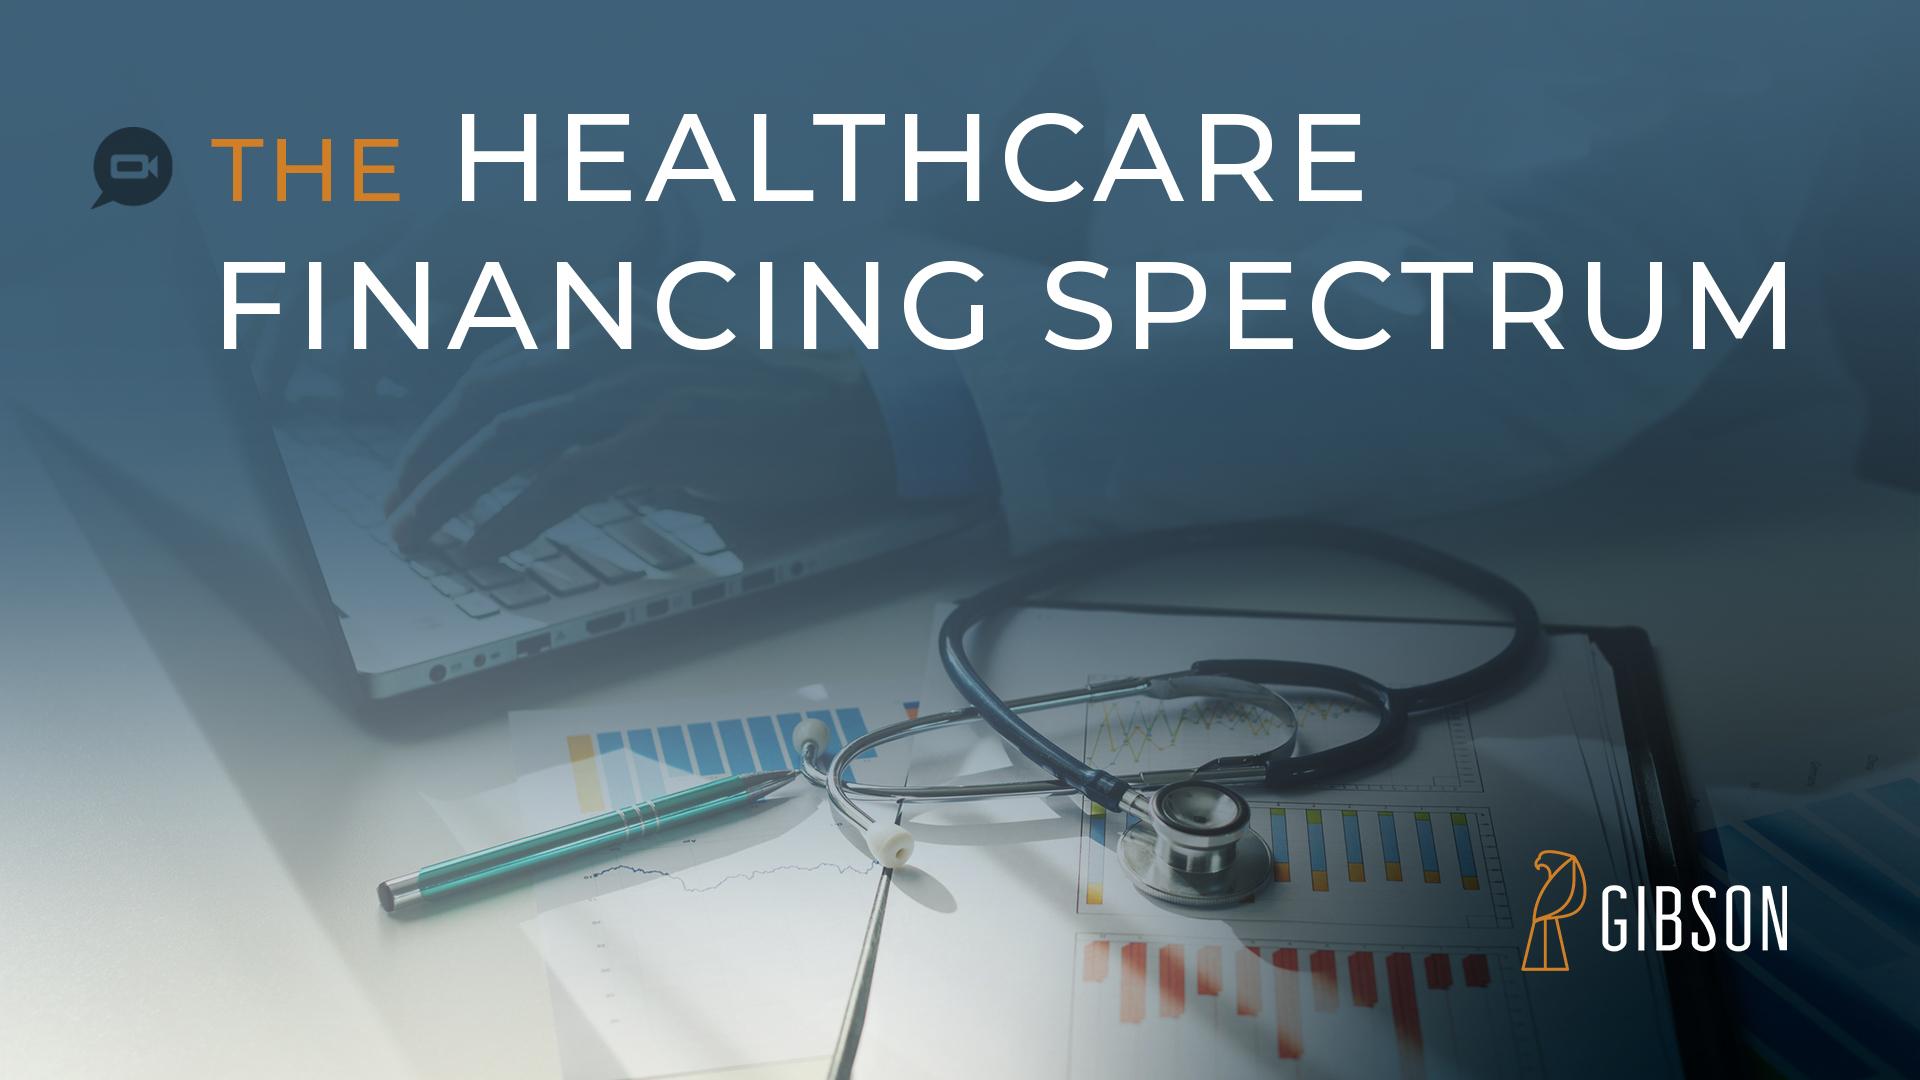 The Healthcare Financing Spectrum